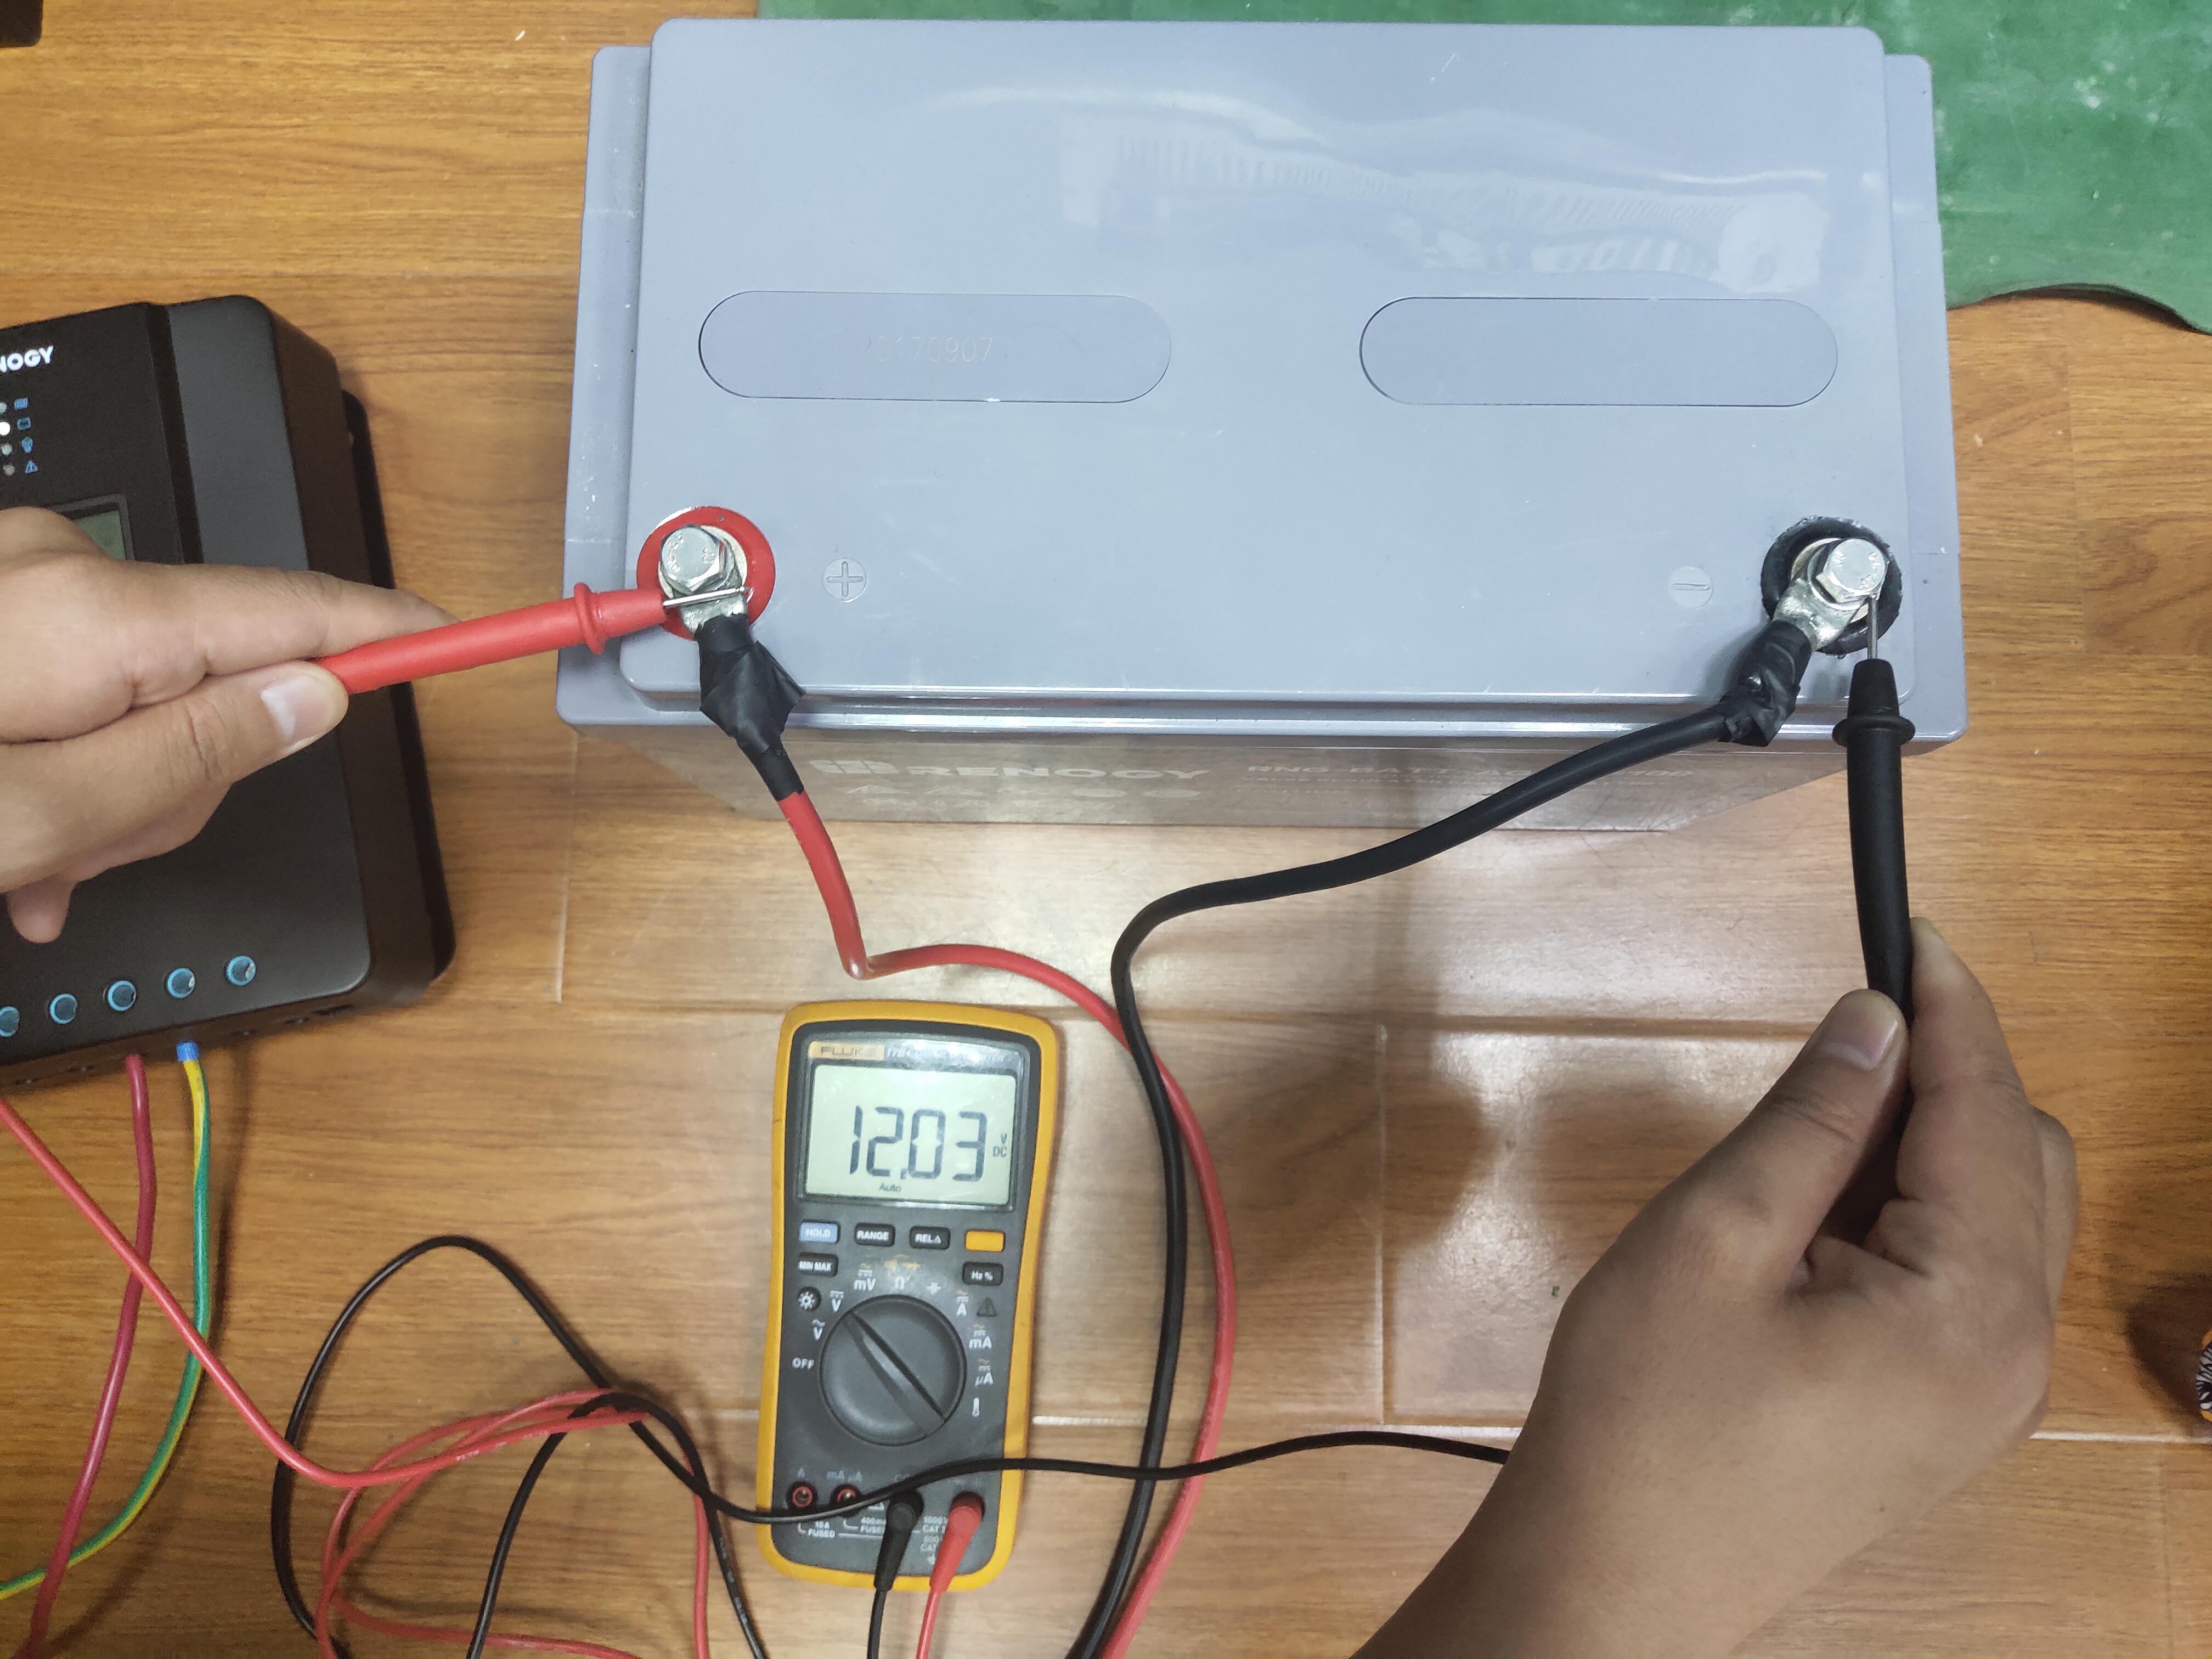 図1バッテリー端子側の測定参考写真